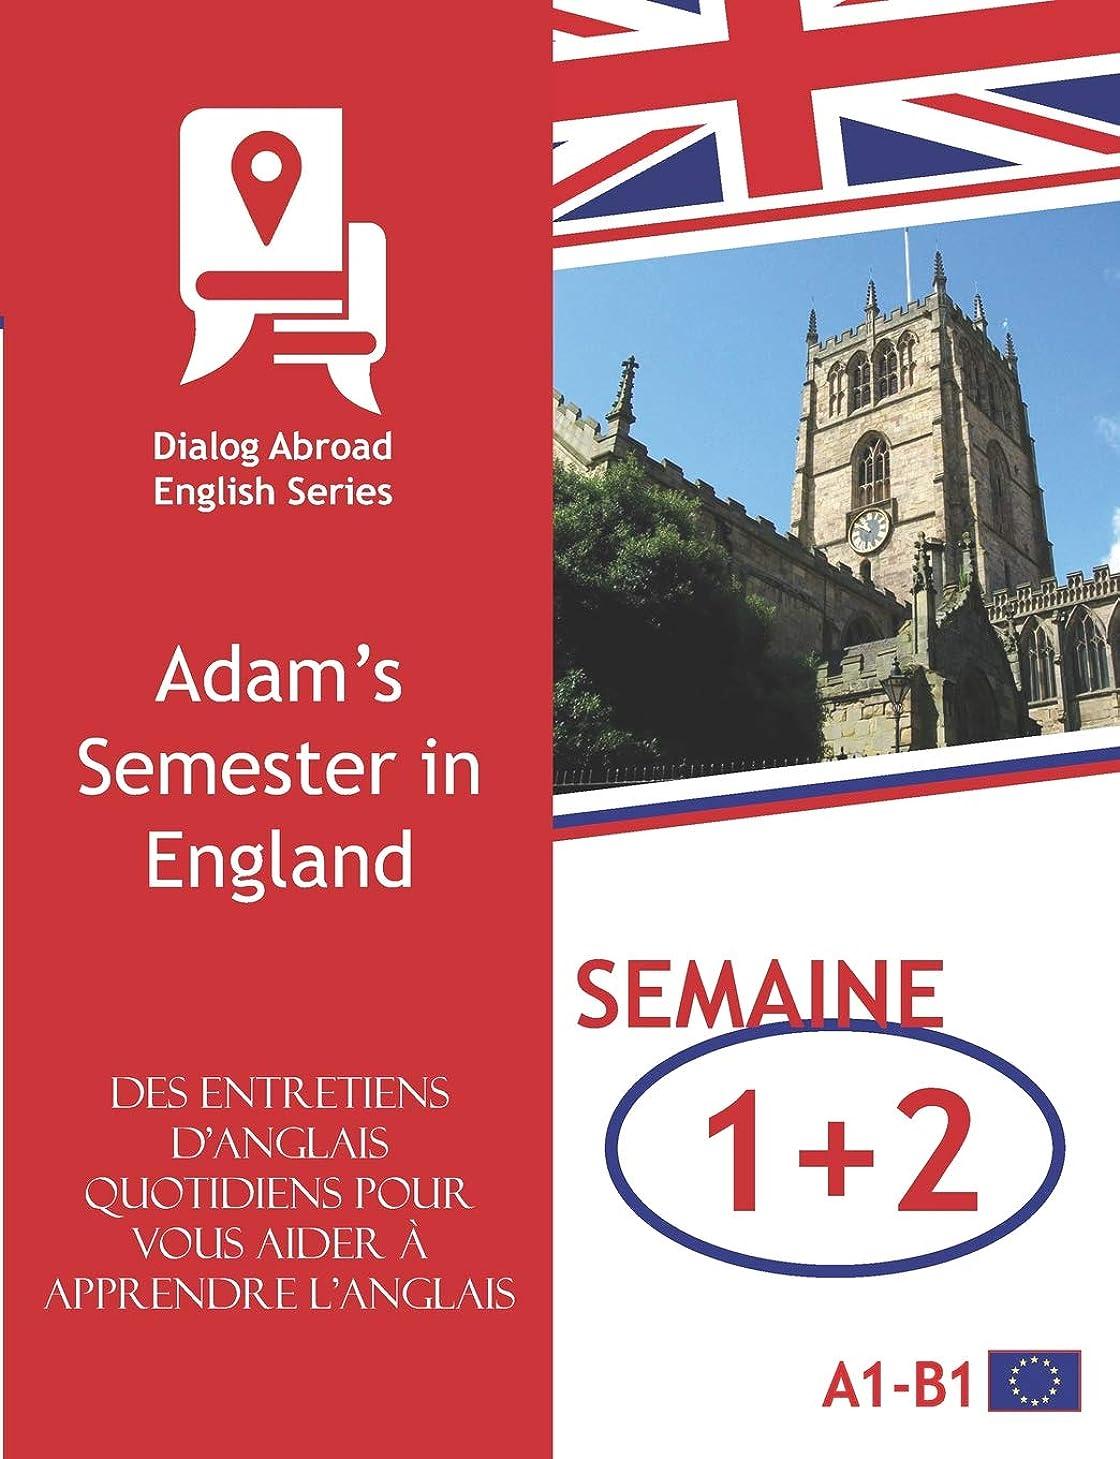 入手します真鍮写真Des entretiens d'anglais quotidiens pour vous aider à apprendre l'anglais - Semaine 1/Semaine 2: Adam's Semester in England (quinze jours)